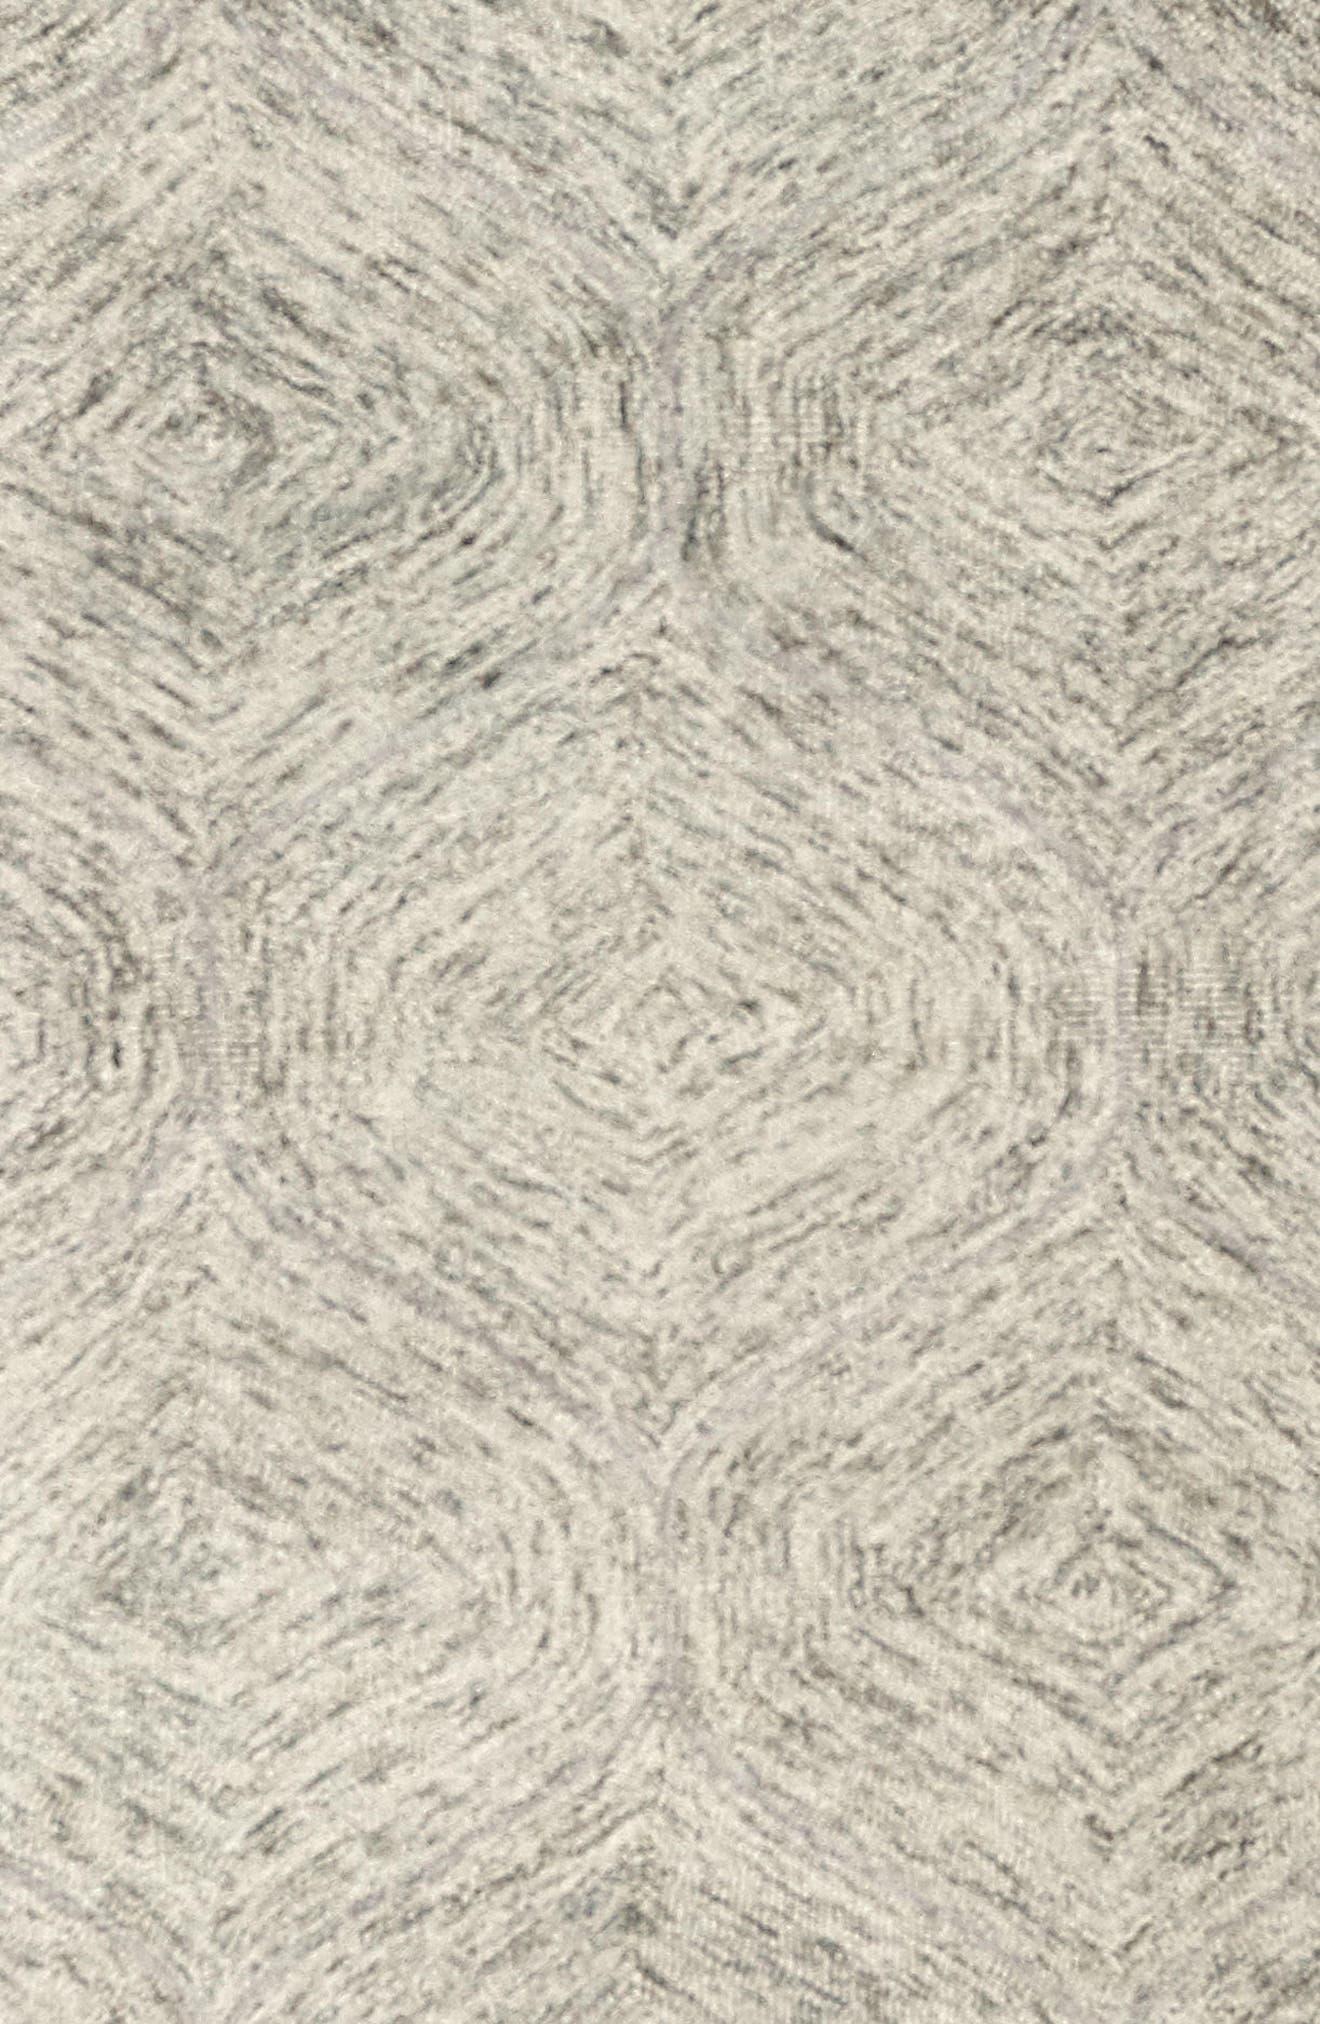 Irregular Diamond Hand Tufted Wool Area Rug,                             Alternate thumbnail 12, color,